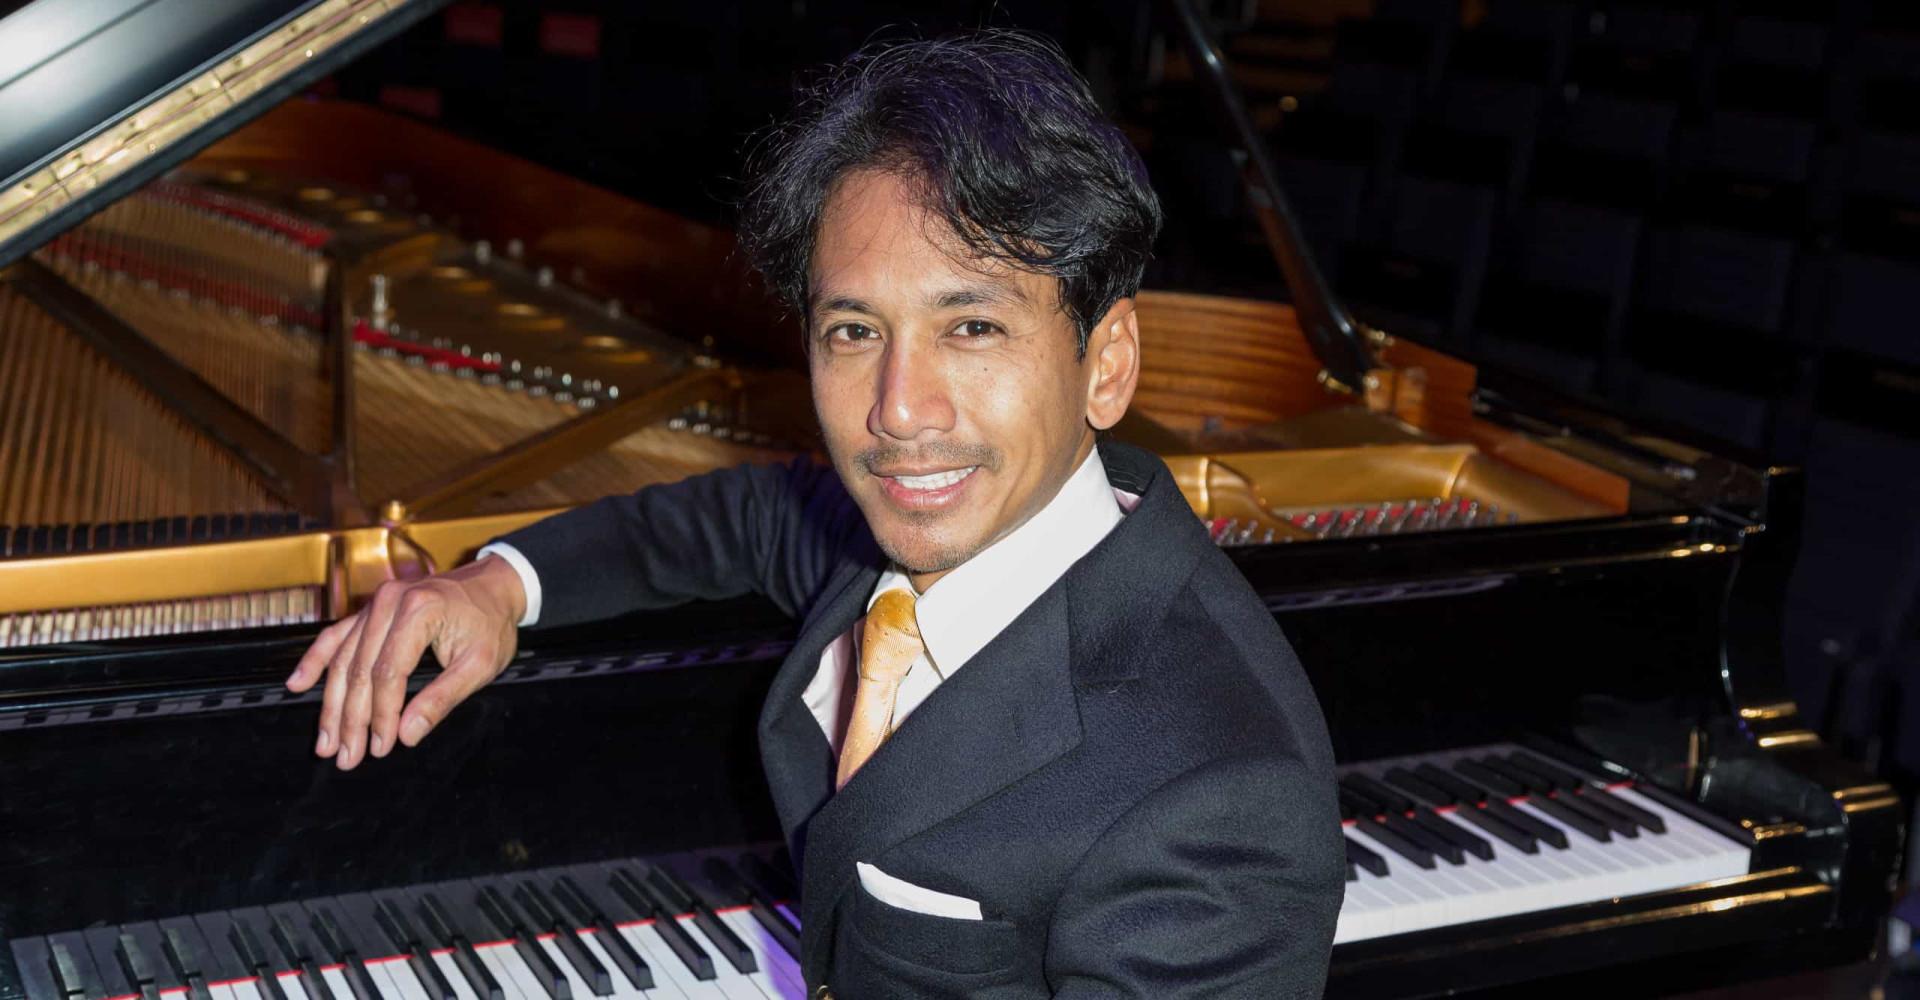 Wibi Soerjadi: het veelbewogen leven van een pianovirtuoos